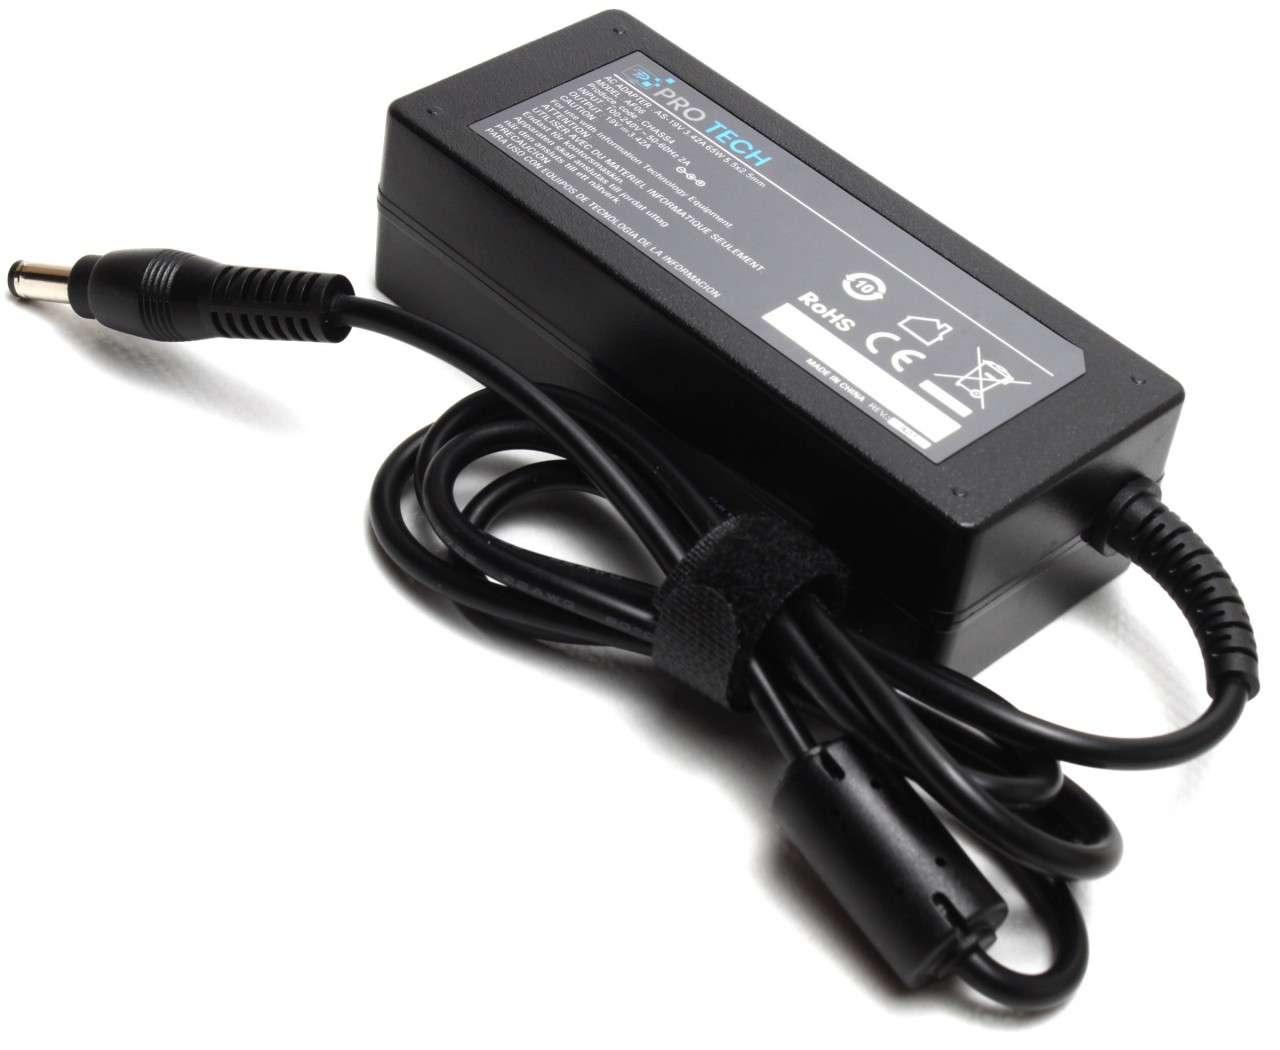 Incarcator Asus UL80Ag Replacement imagine powerlaptop.ro 2021